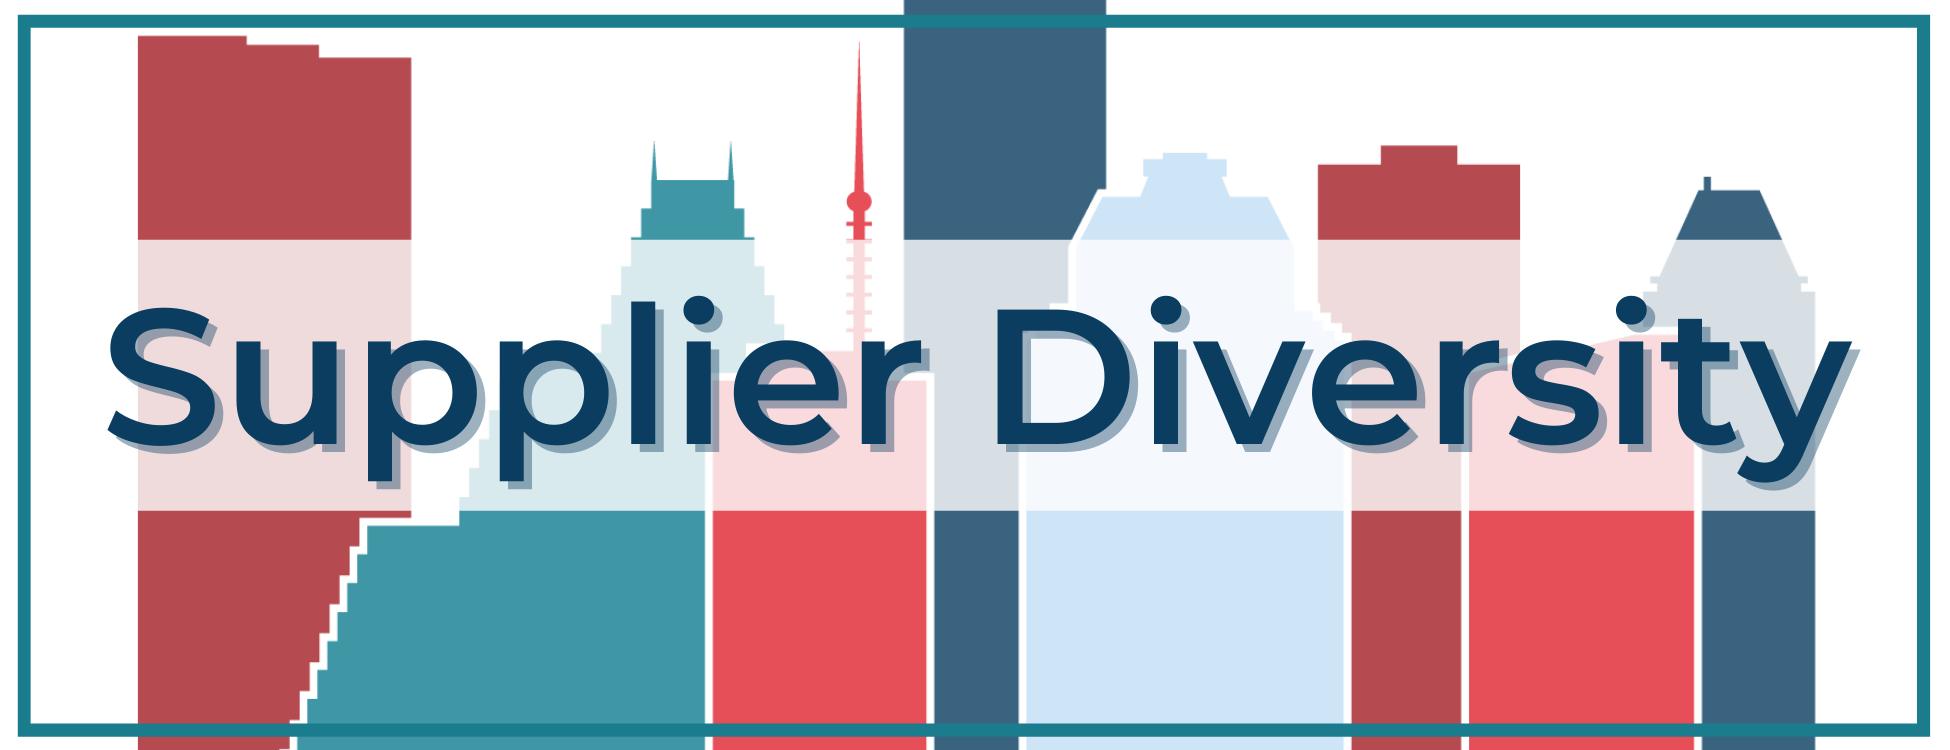 Supplier Diversity Webpage Header v1